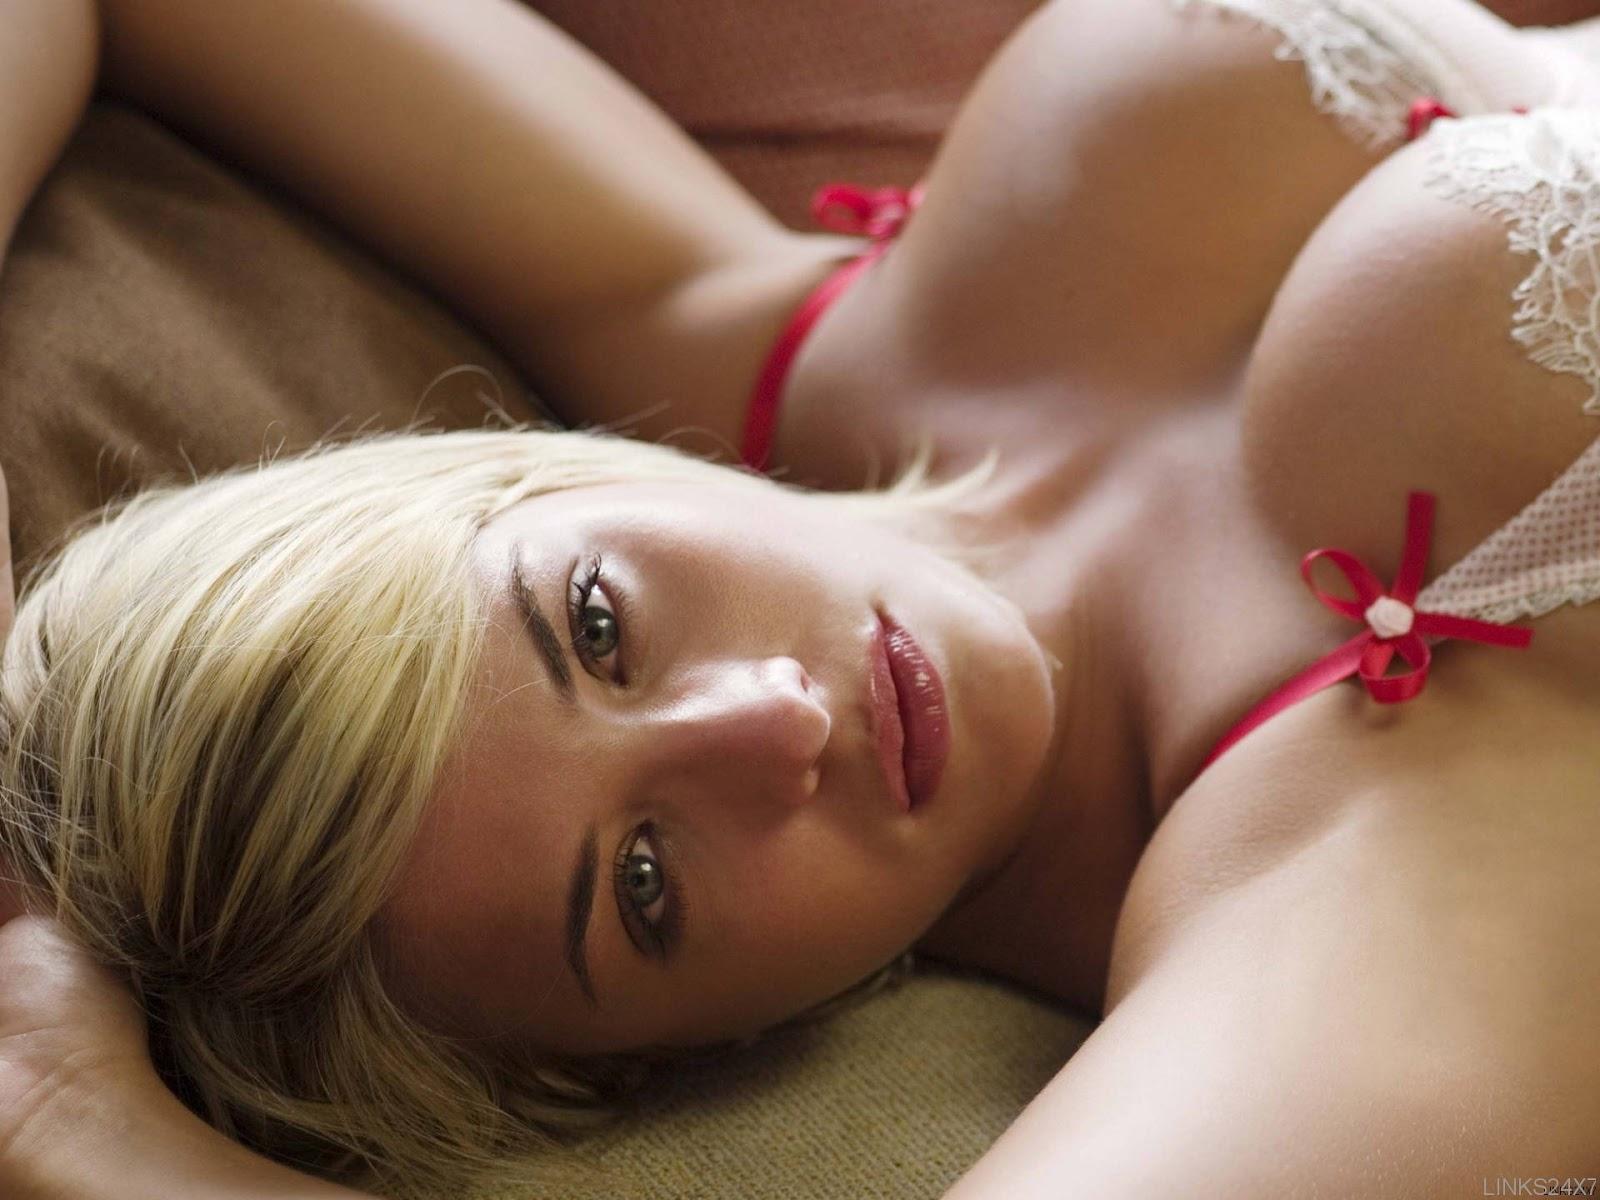 Gemma Atkinson tits